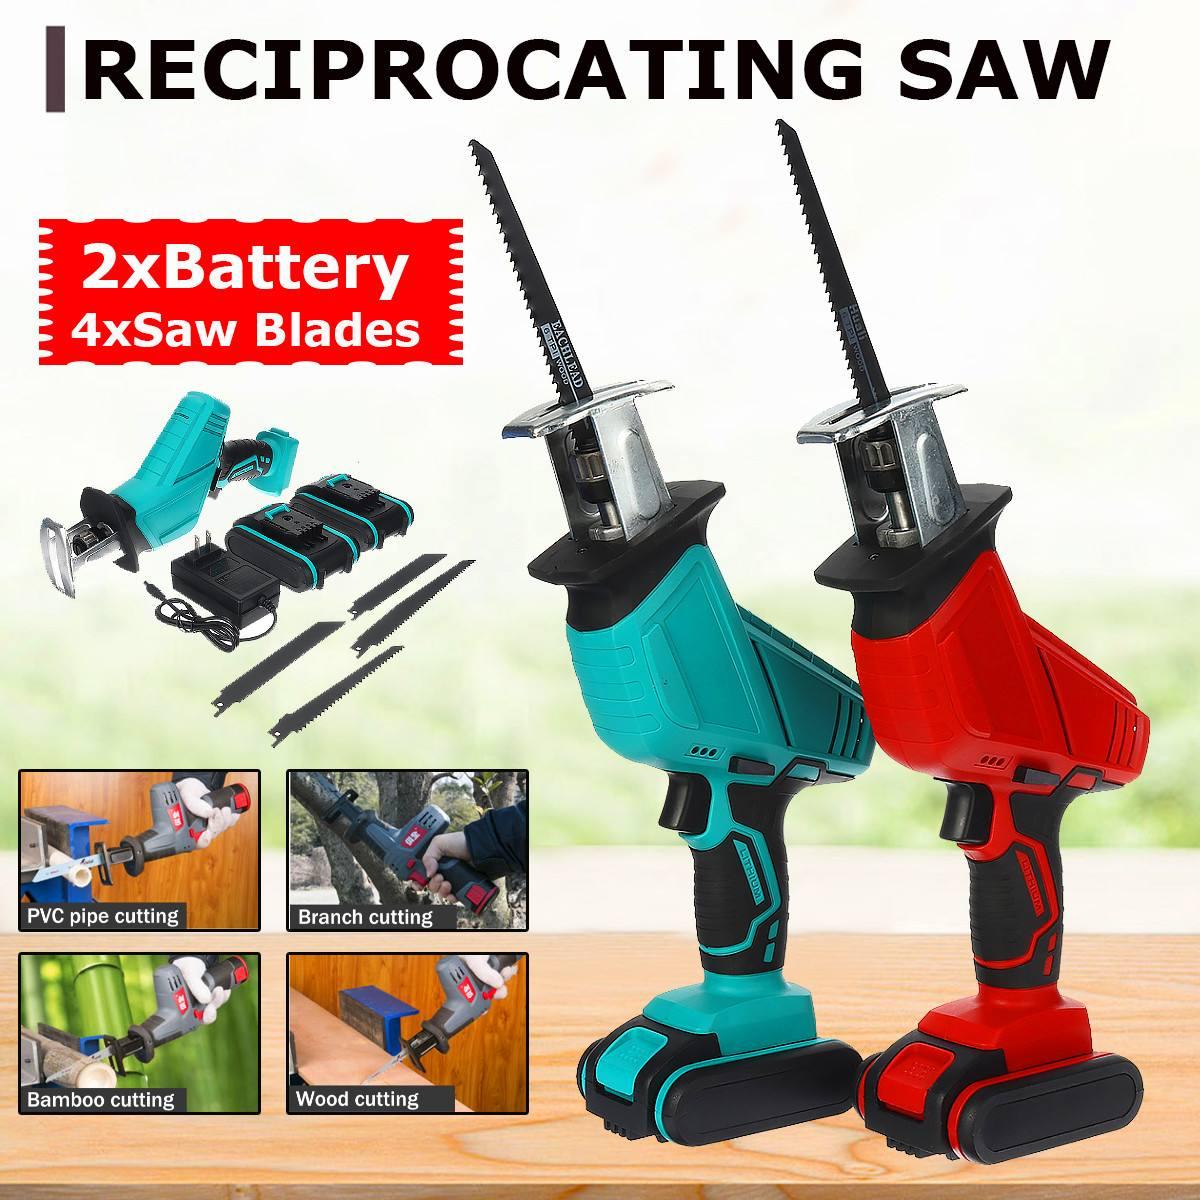 Drillpro sem fio reciprocating saw + 4 lâminas de serra velocidade ajustável motosserra madeira metal pvc tubo corte com 2 bateria de lítio